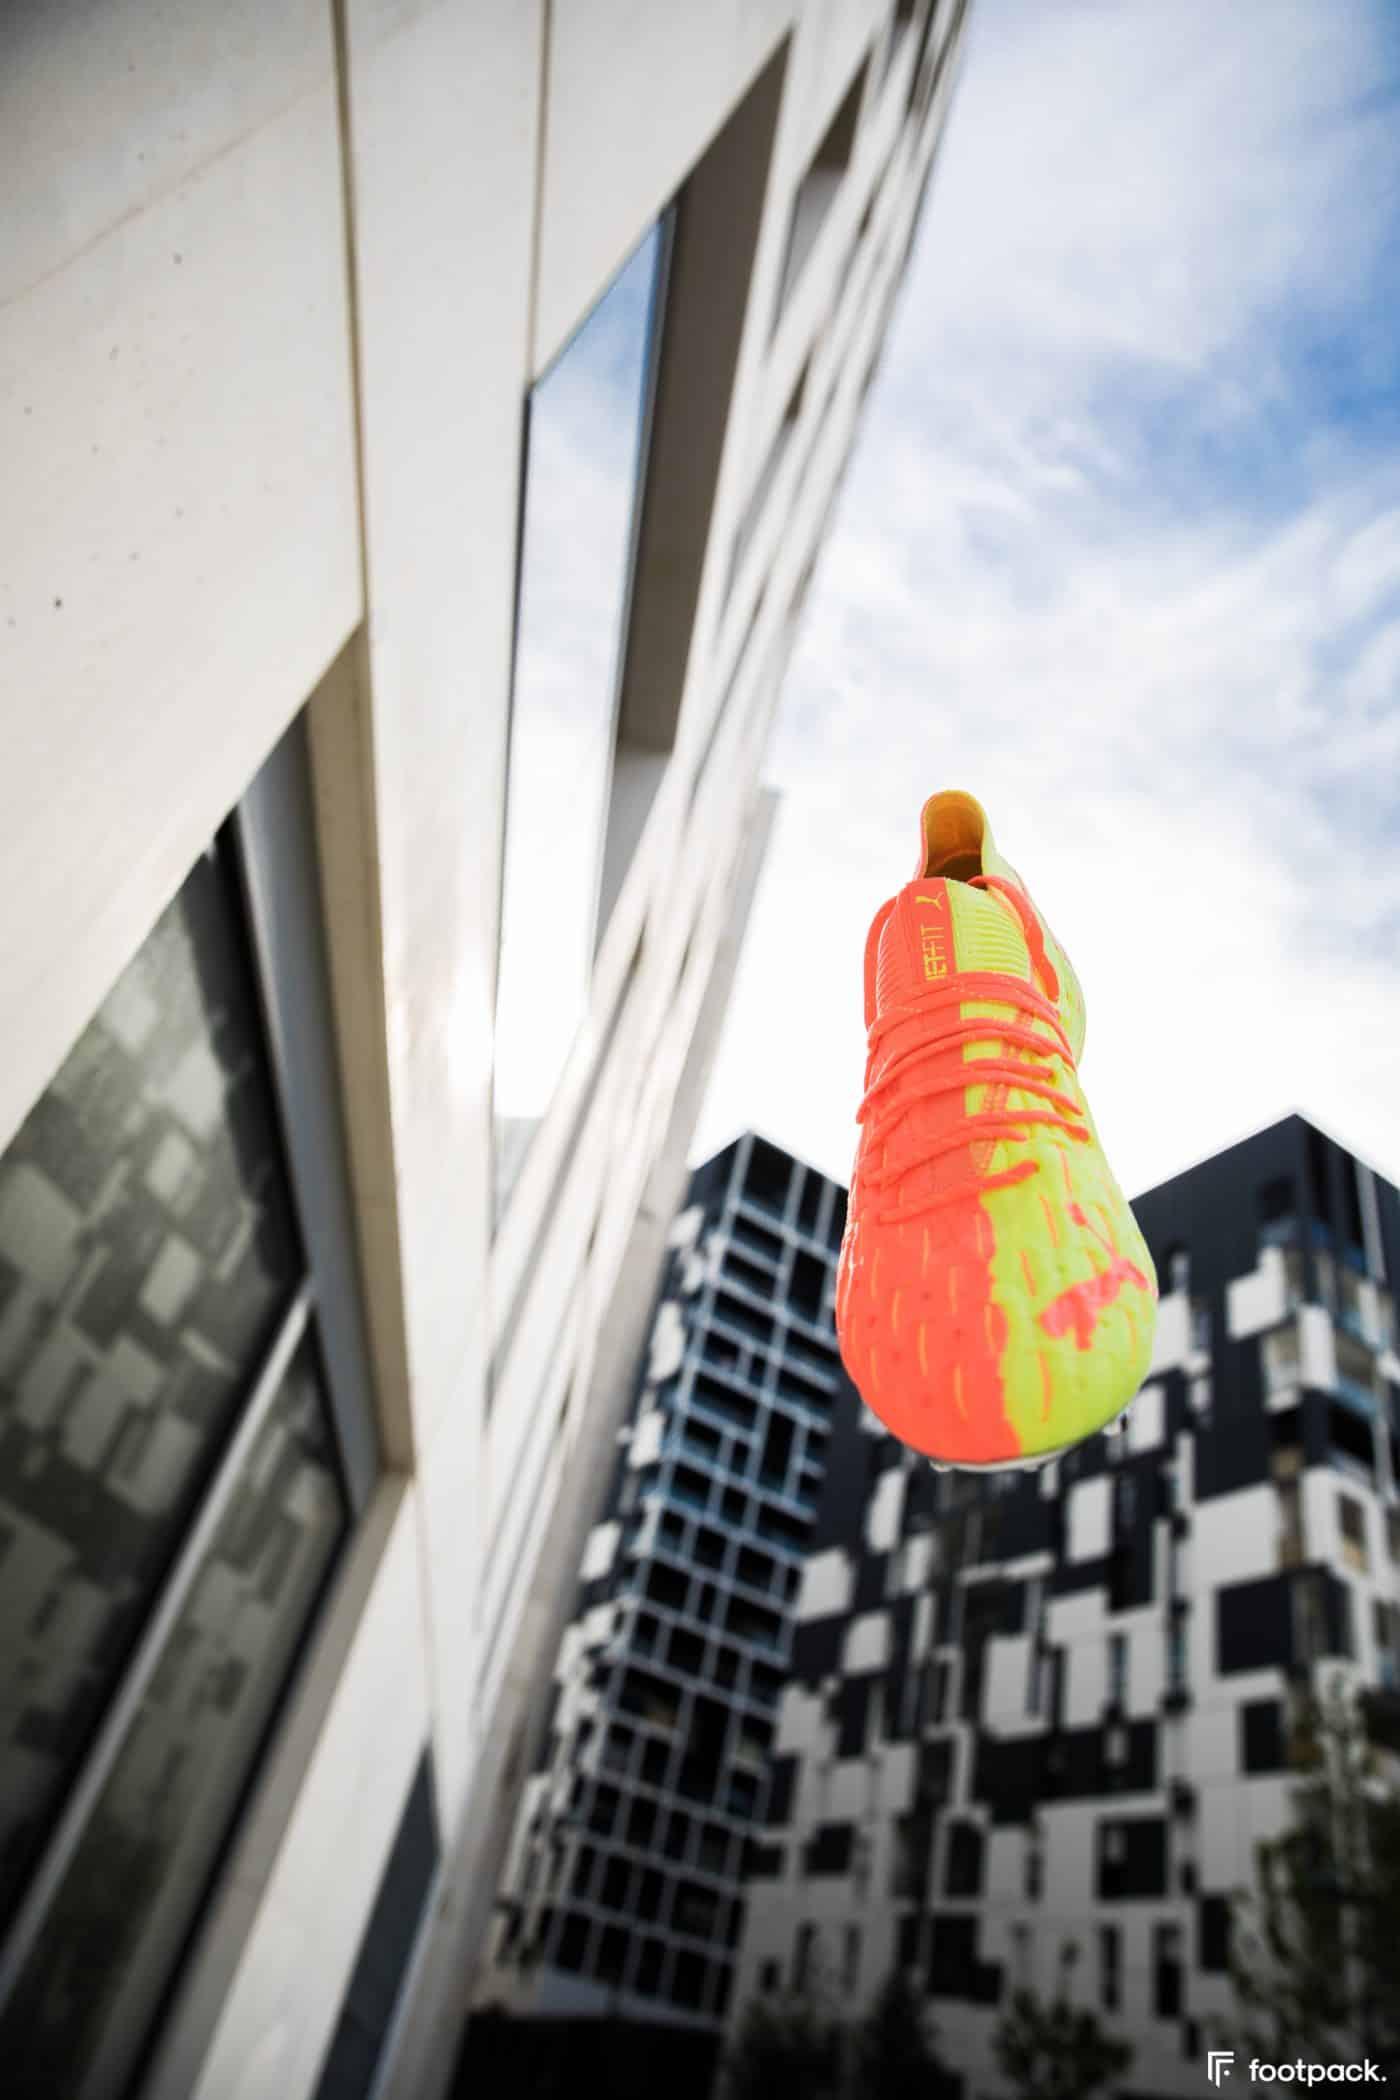 puma-future-5.1-rise-footpack-4